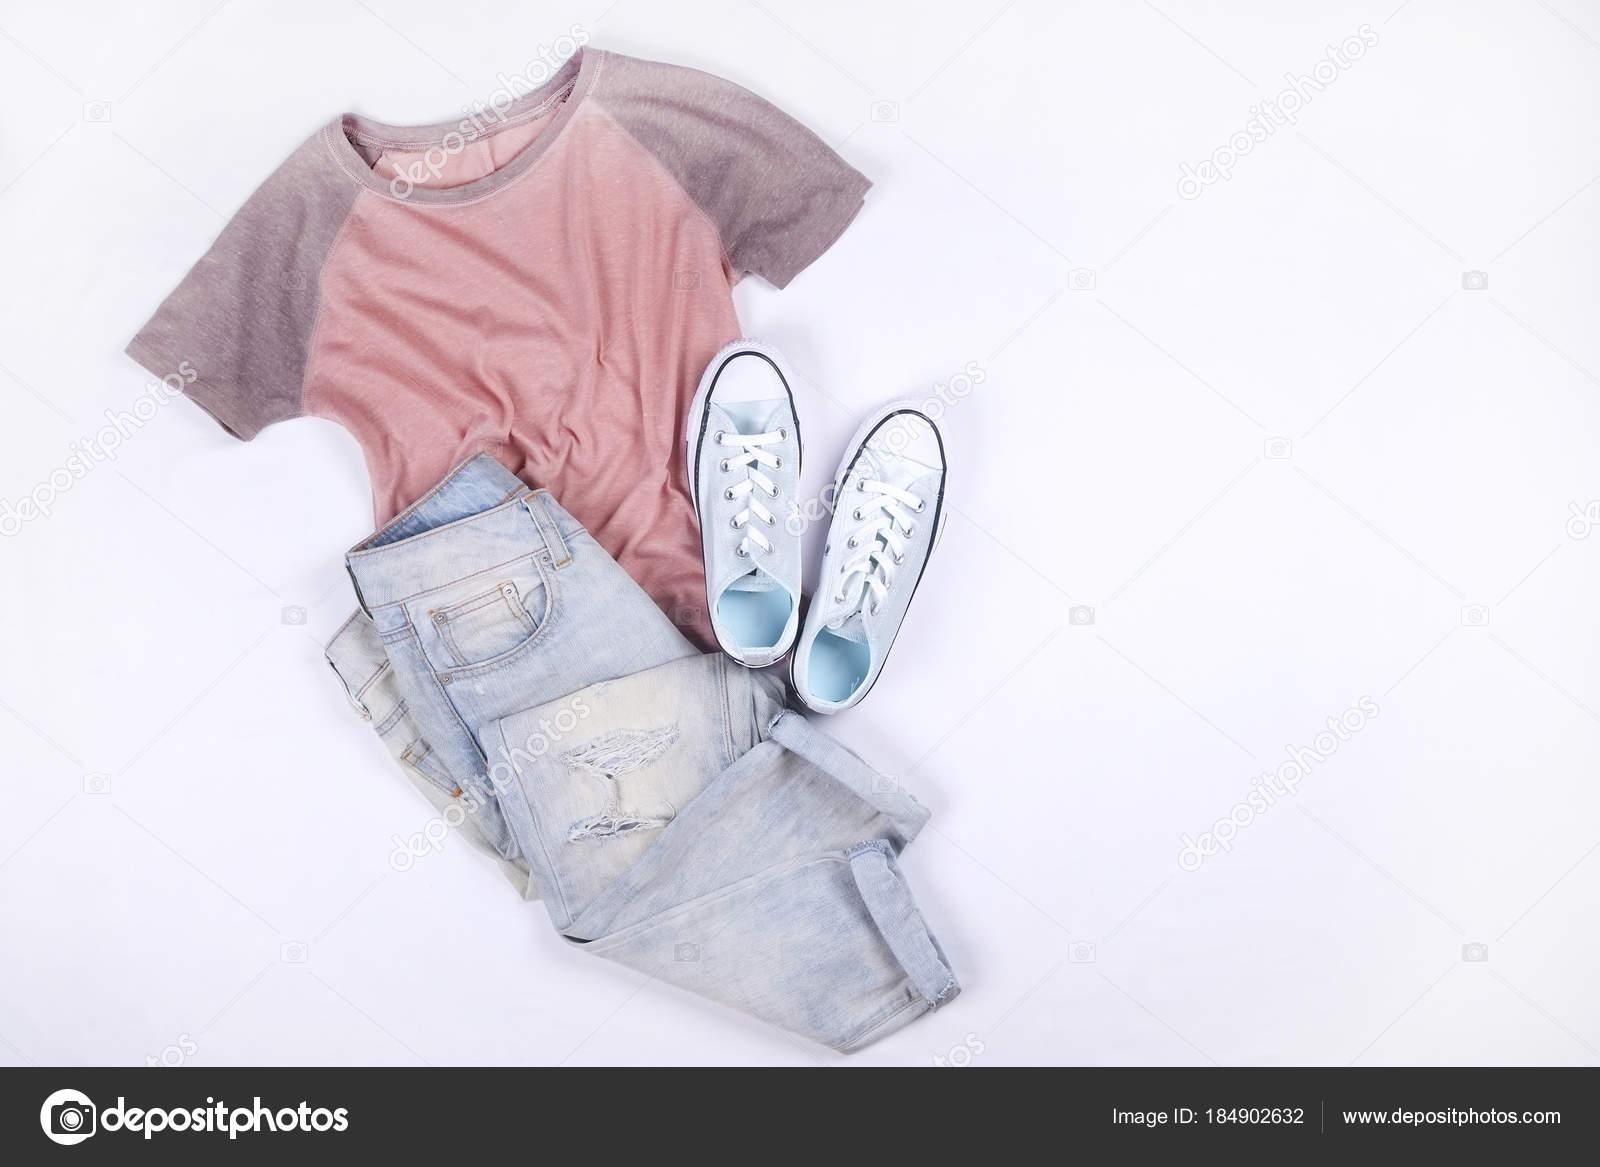 0442b31570bd Elegante, roupas da moda femininas e acessórios. Moda top t-shirt rosa,  tênis casuais azuis, óculos de sol marrons, frasco de perfume em branco,  jeans, ...